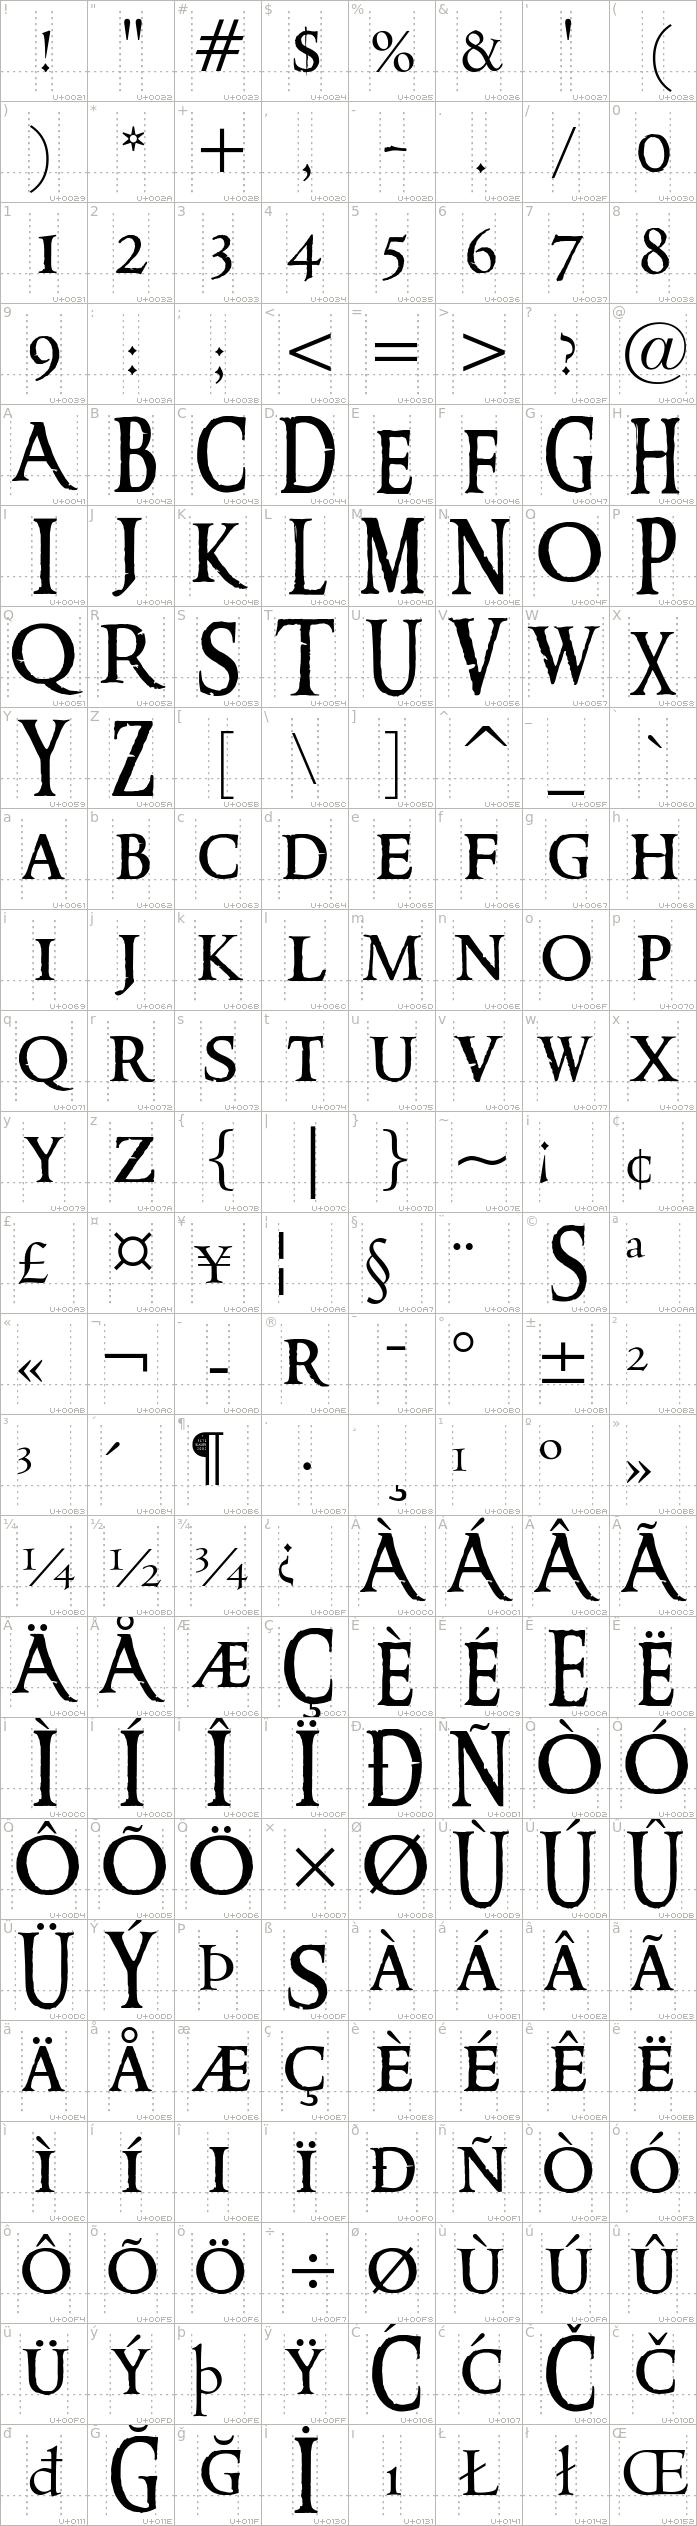 ringbearer.medium.character-map-1